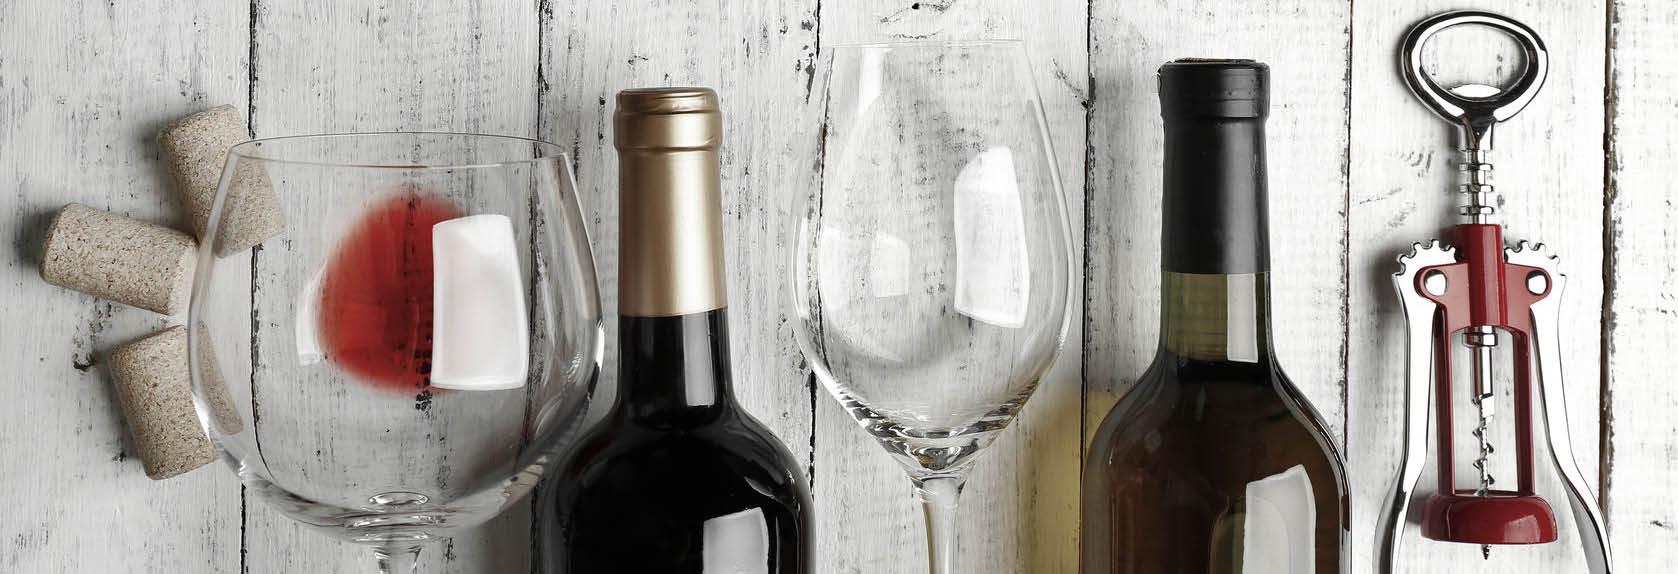 cherryvale liquors wine photo